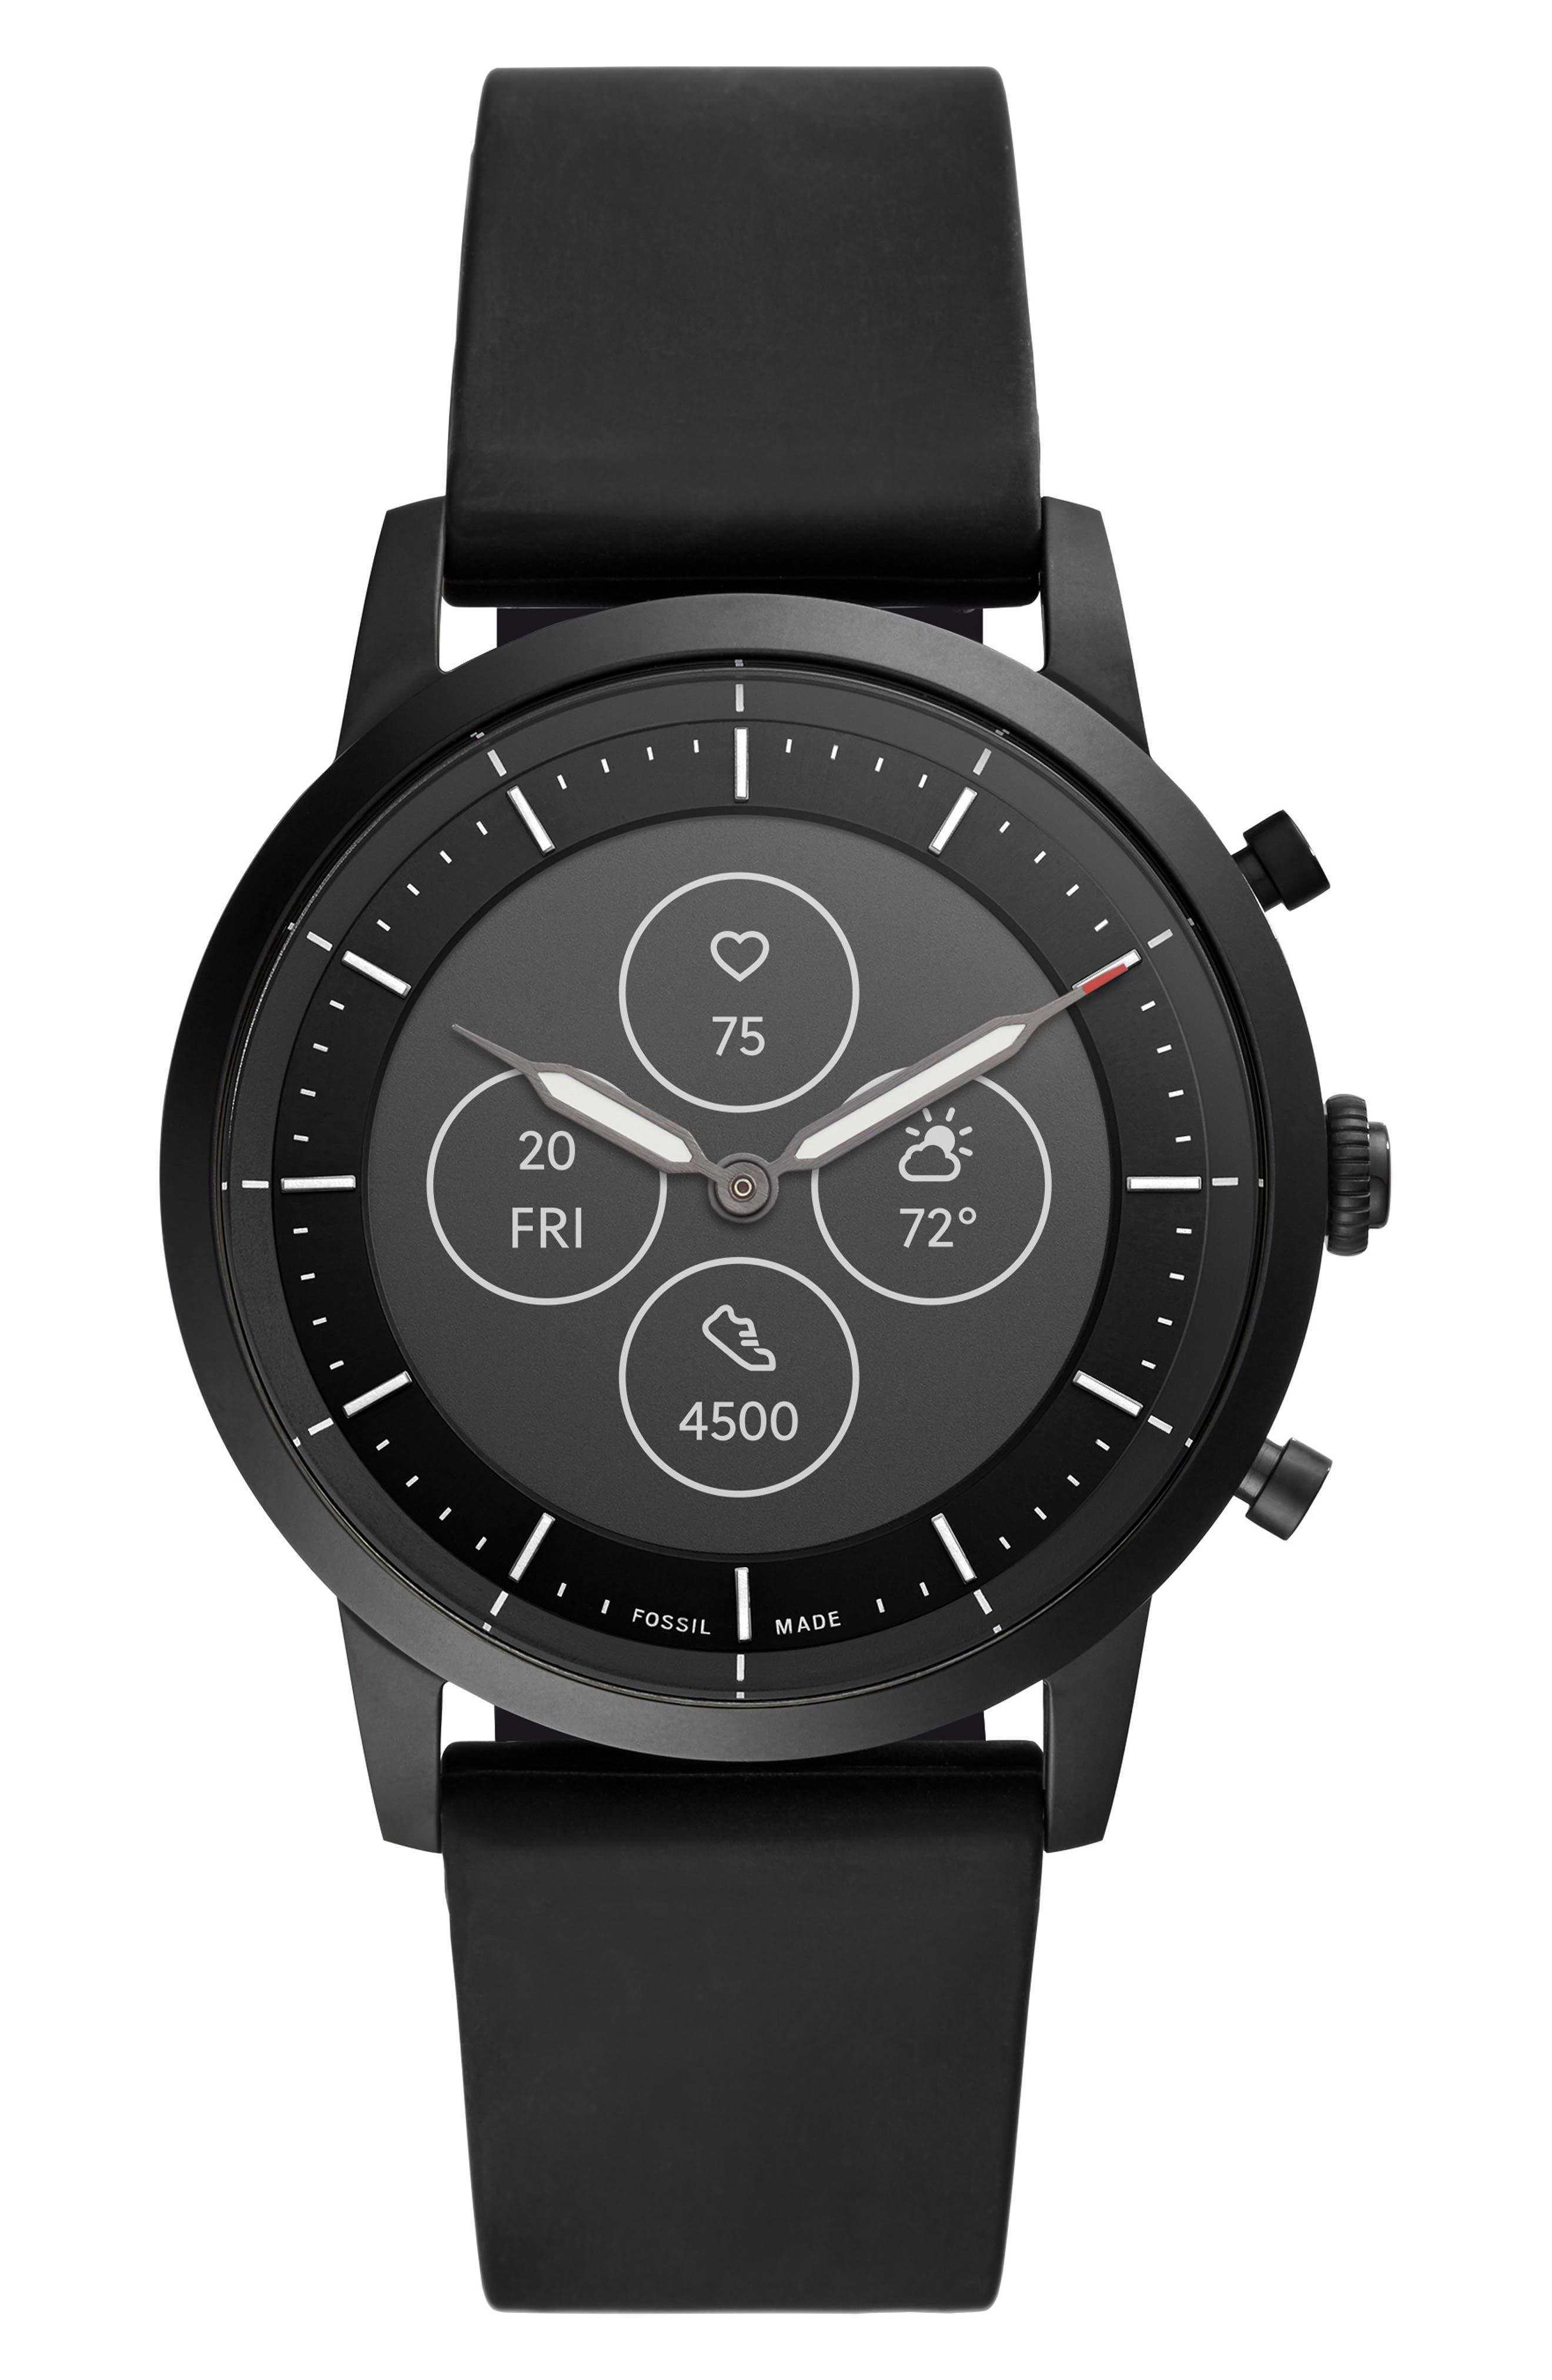 Collider Hybrid Hr Chronograph Silicone Strap Smart Watch